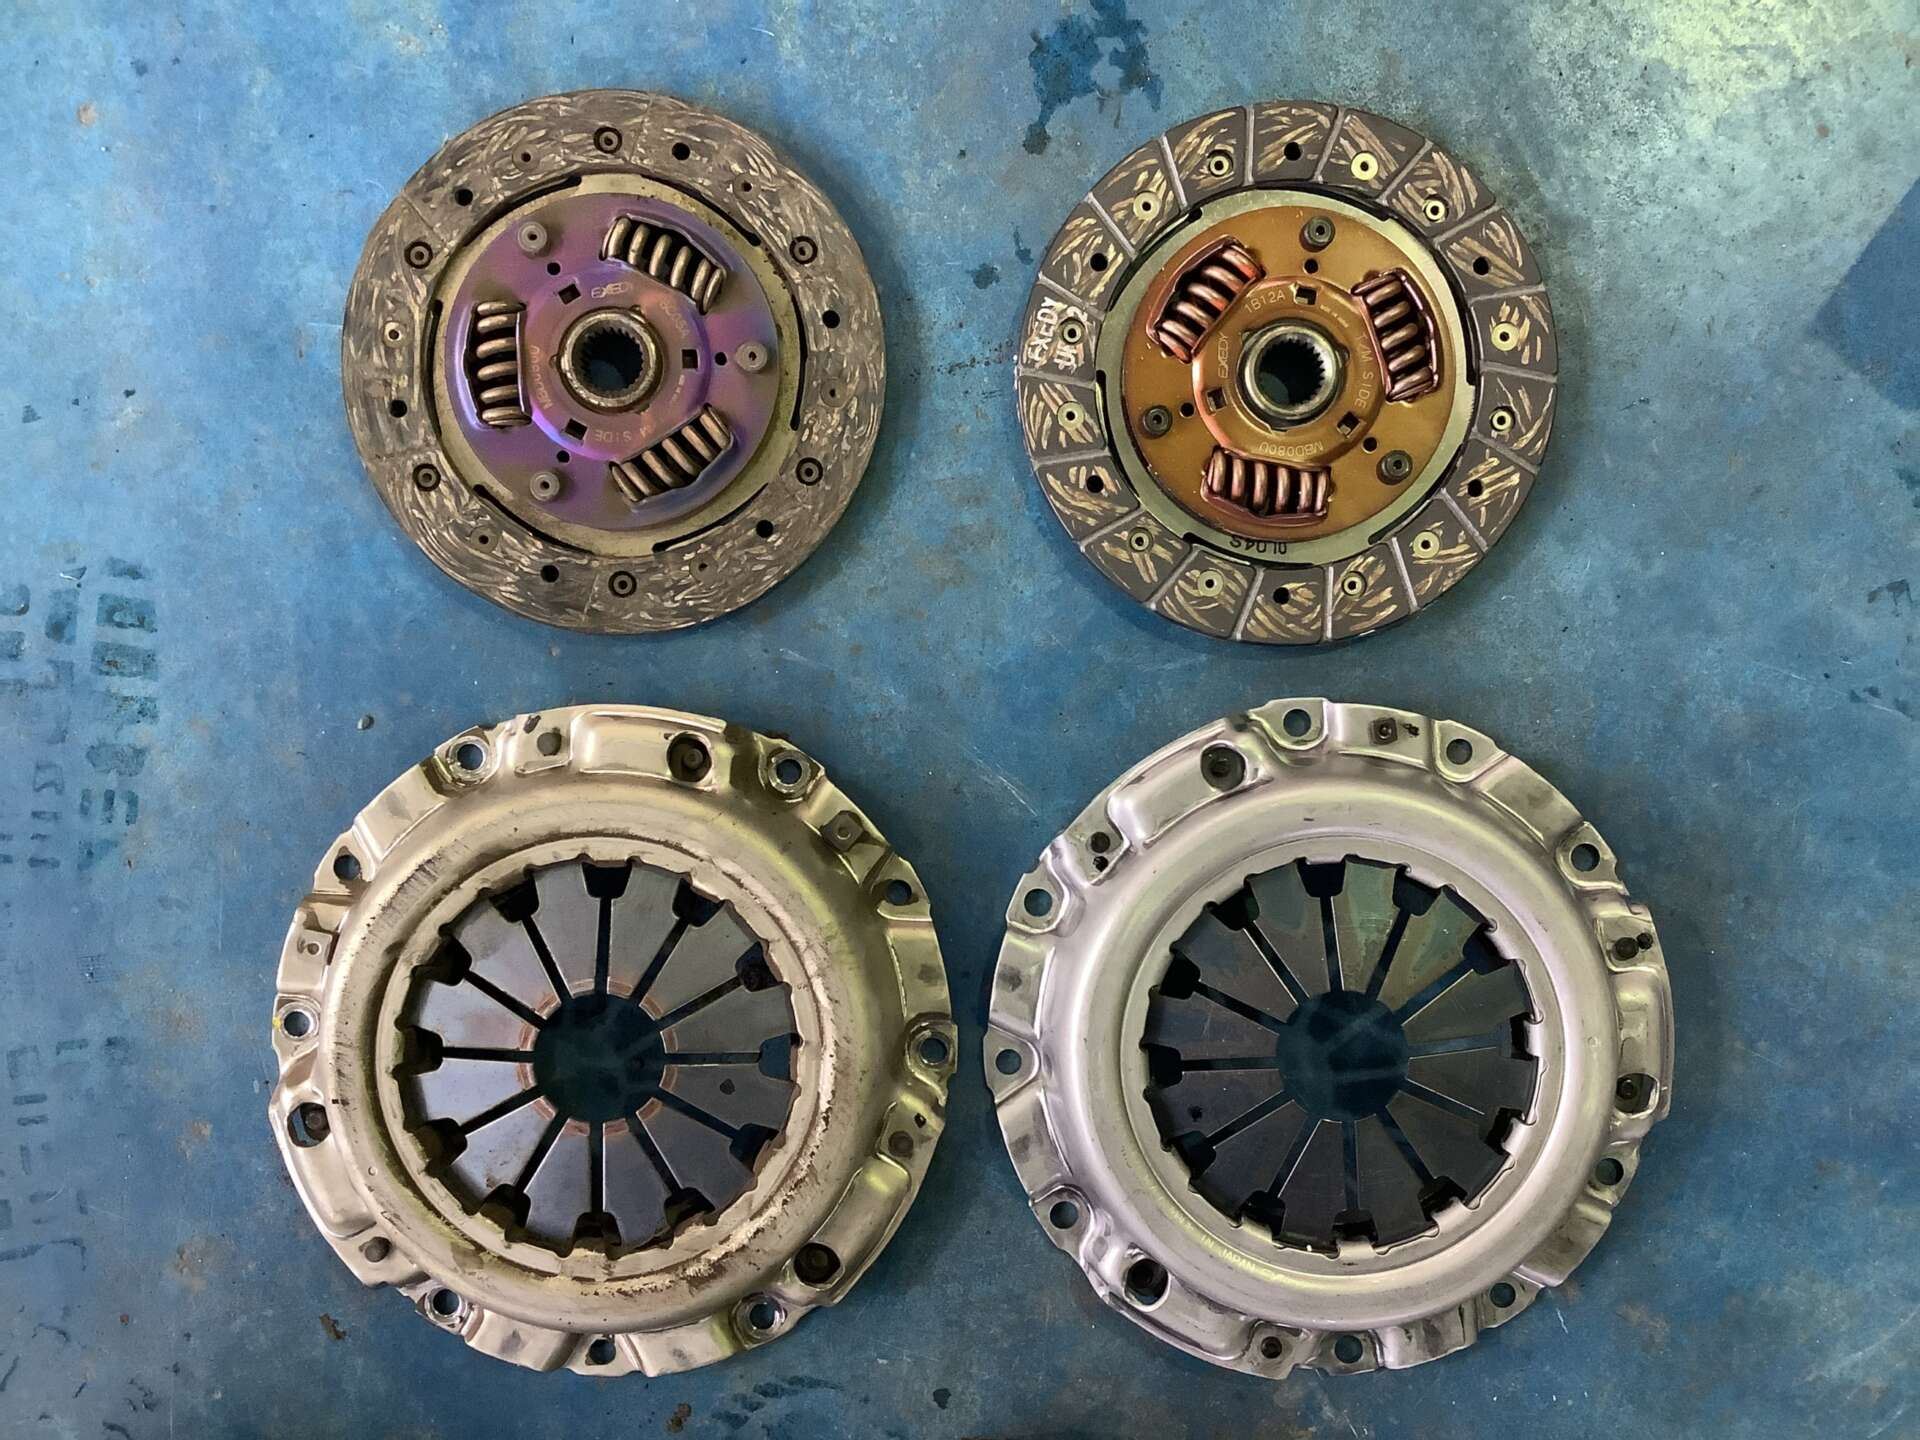 09C11AC5-0E83-43DB-8D03-A5AB1DE3A850